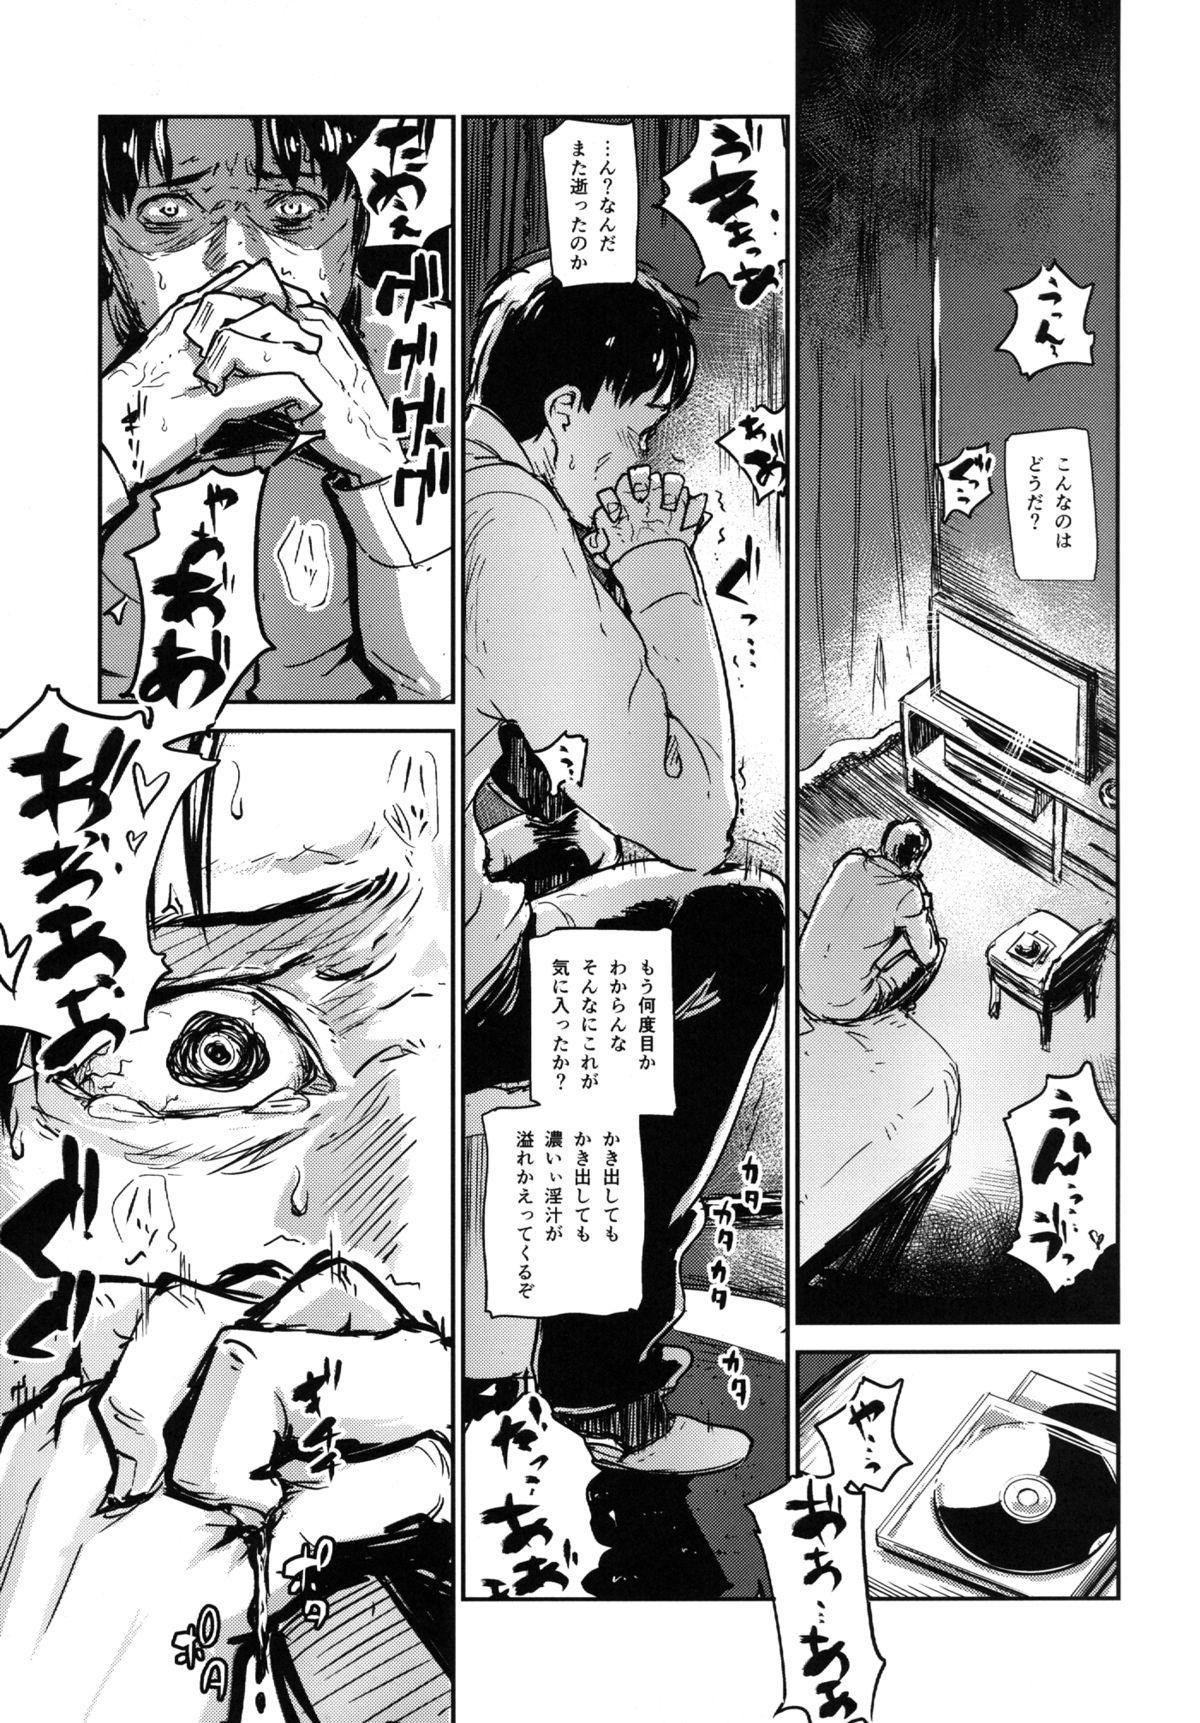 Hitozuma Kari - Kousoku Zecchou Sundome Game Nanbyou no Wagako no Chiryouhi no Tame Sono Mi wo Sashidasu Tsuma 1